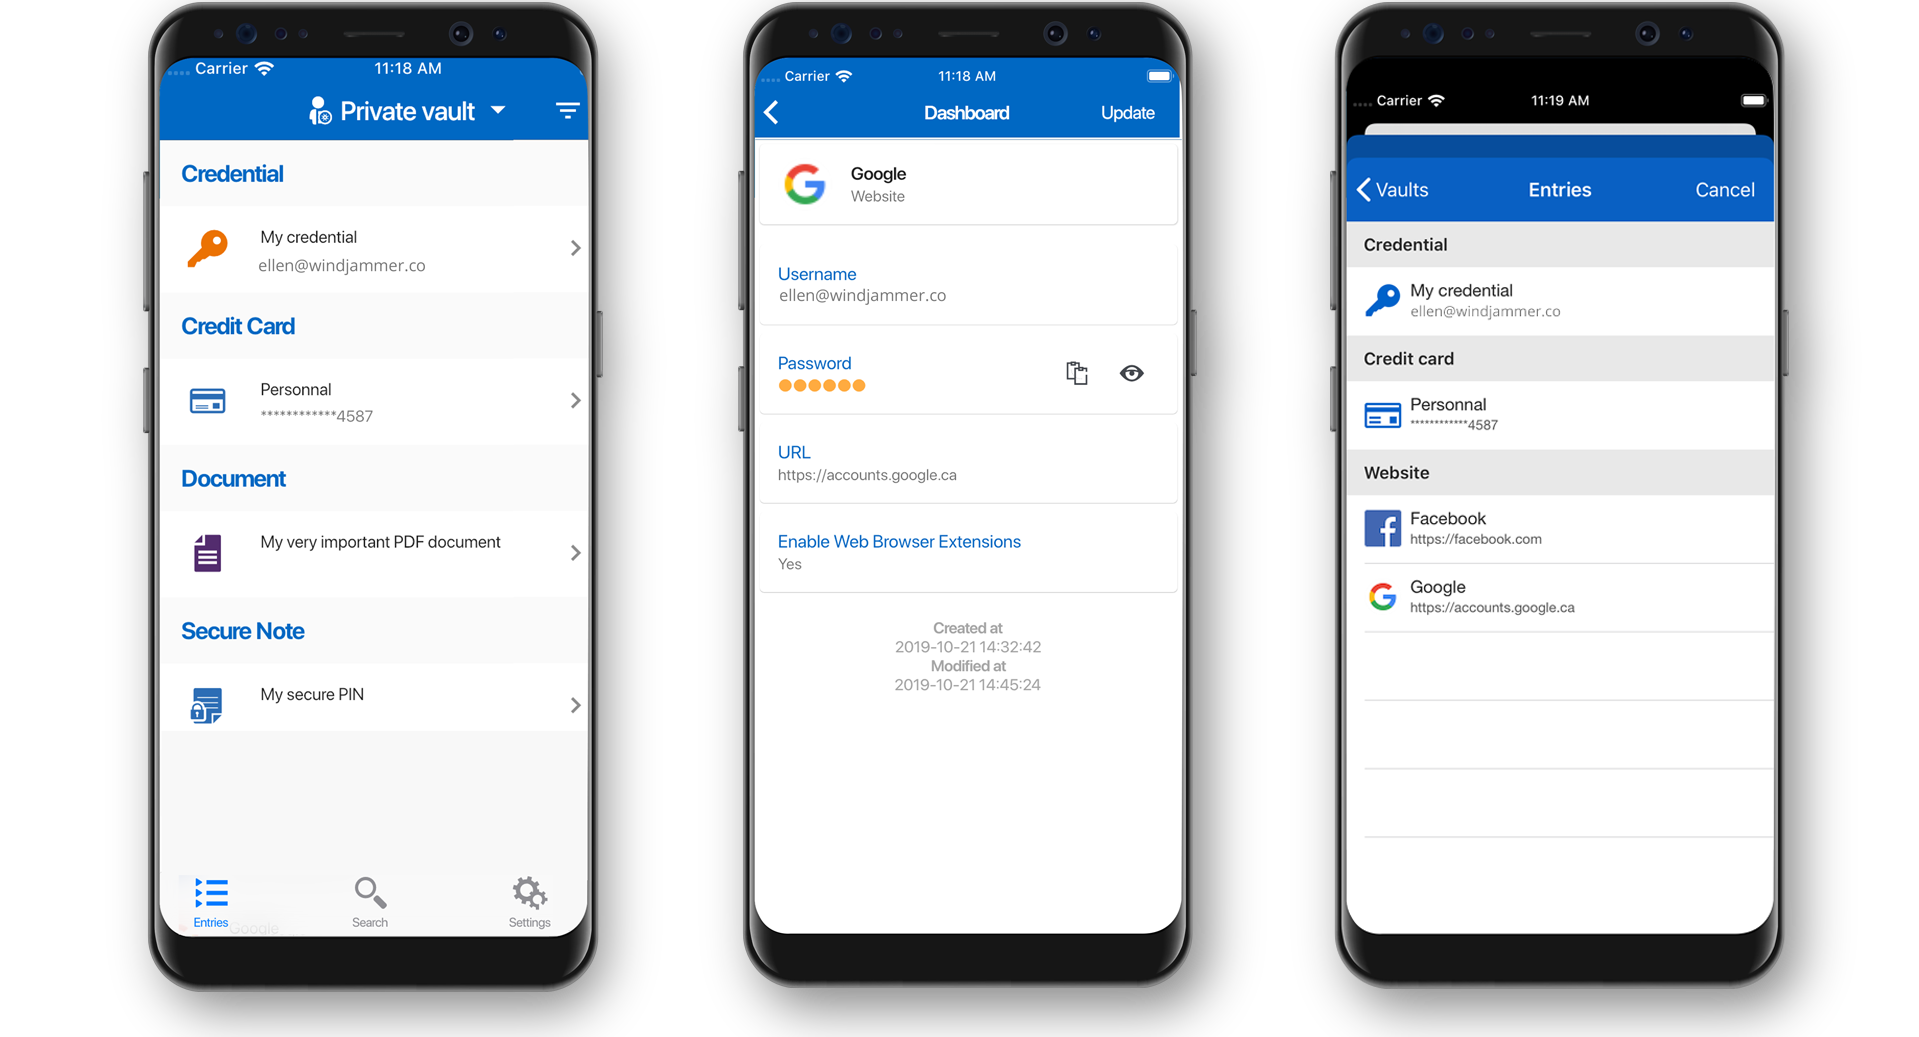 Gérez les mots de passe et les données confidentielles à partir de votre appareil Android - Devolutions Password Hub